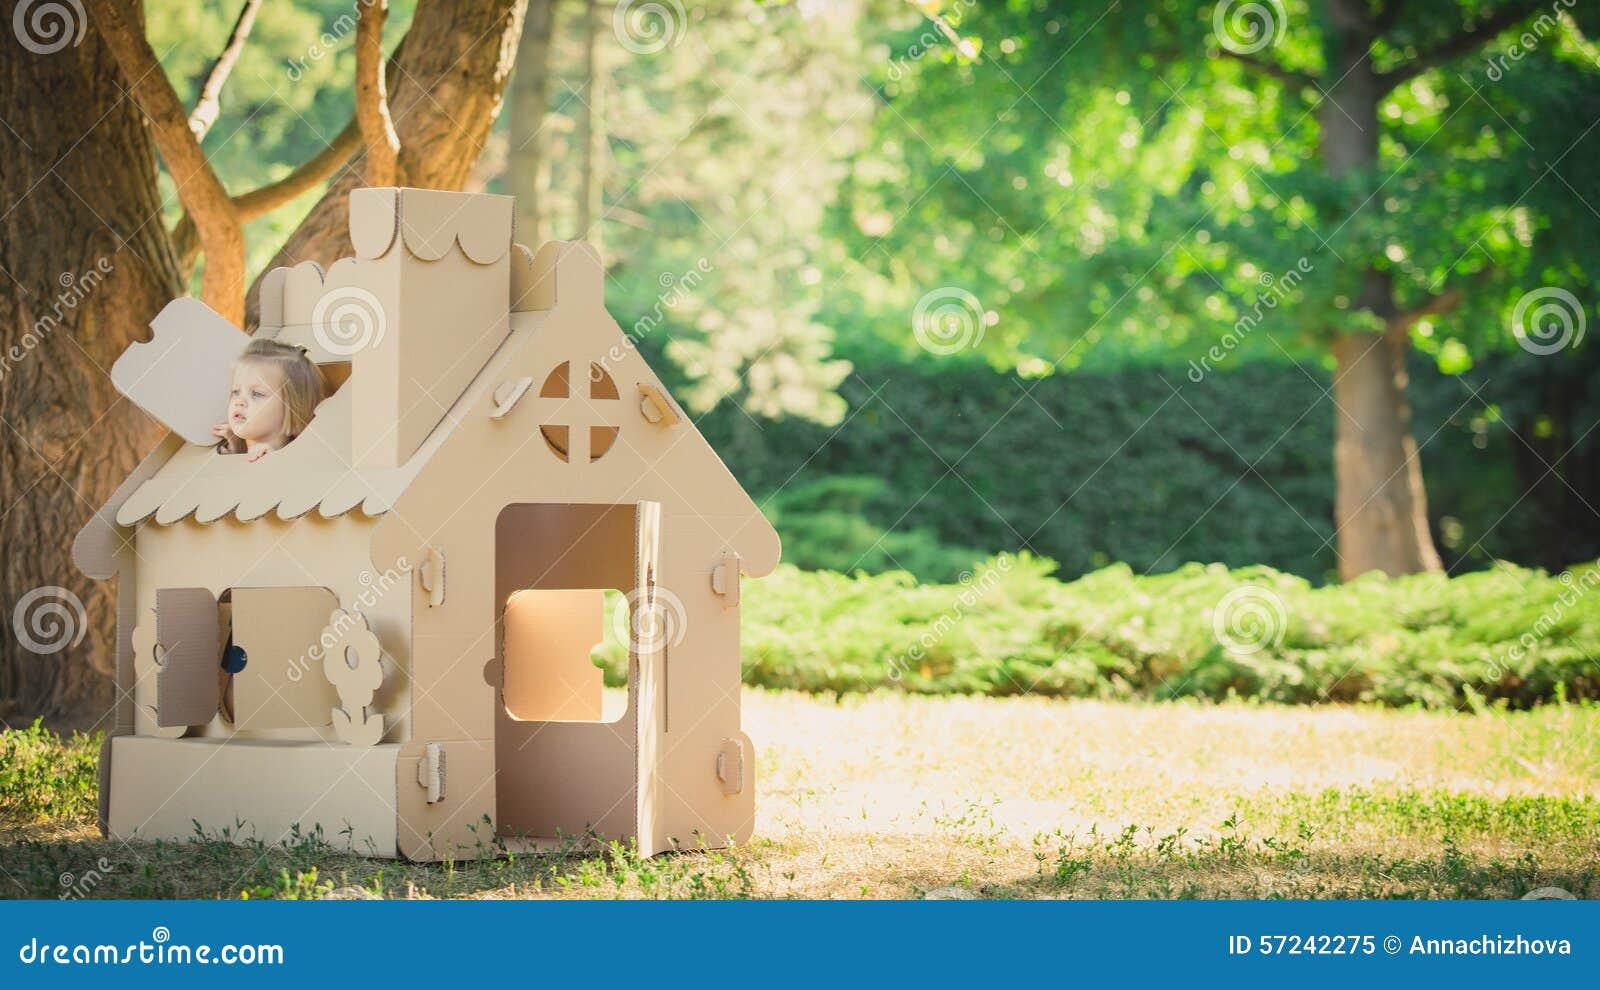 Giochi la casa fatta di cartone ondulato nel parco della citt fotografia stock immagine 57242275 - Casa di cartone ...